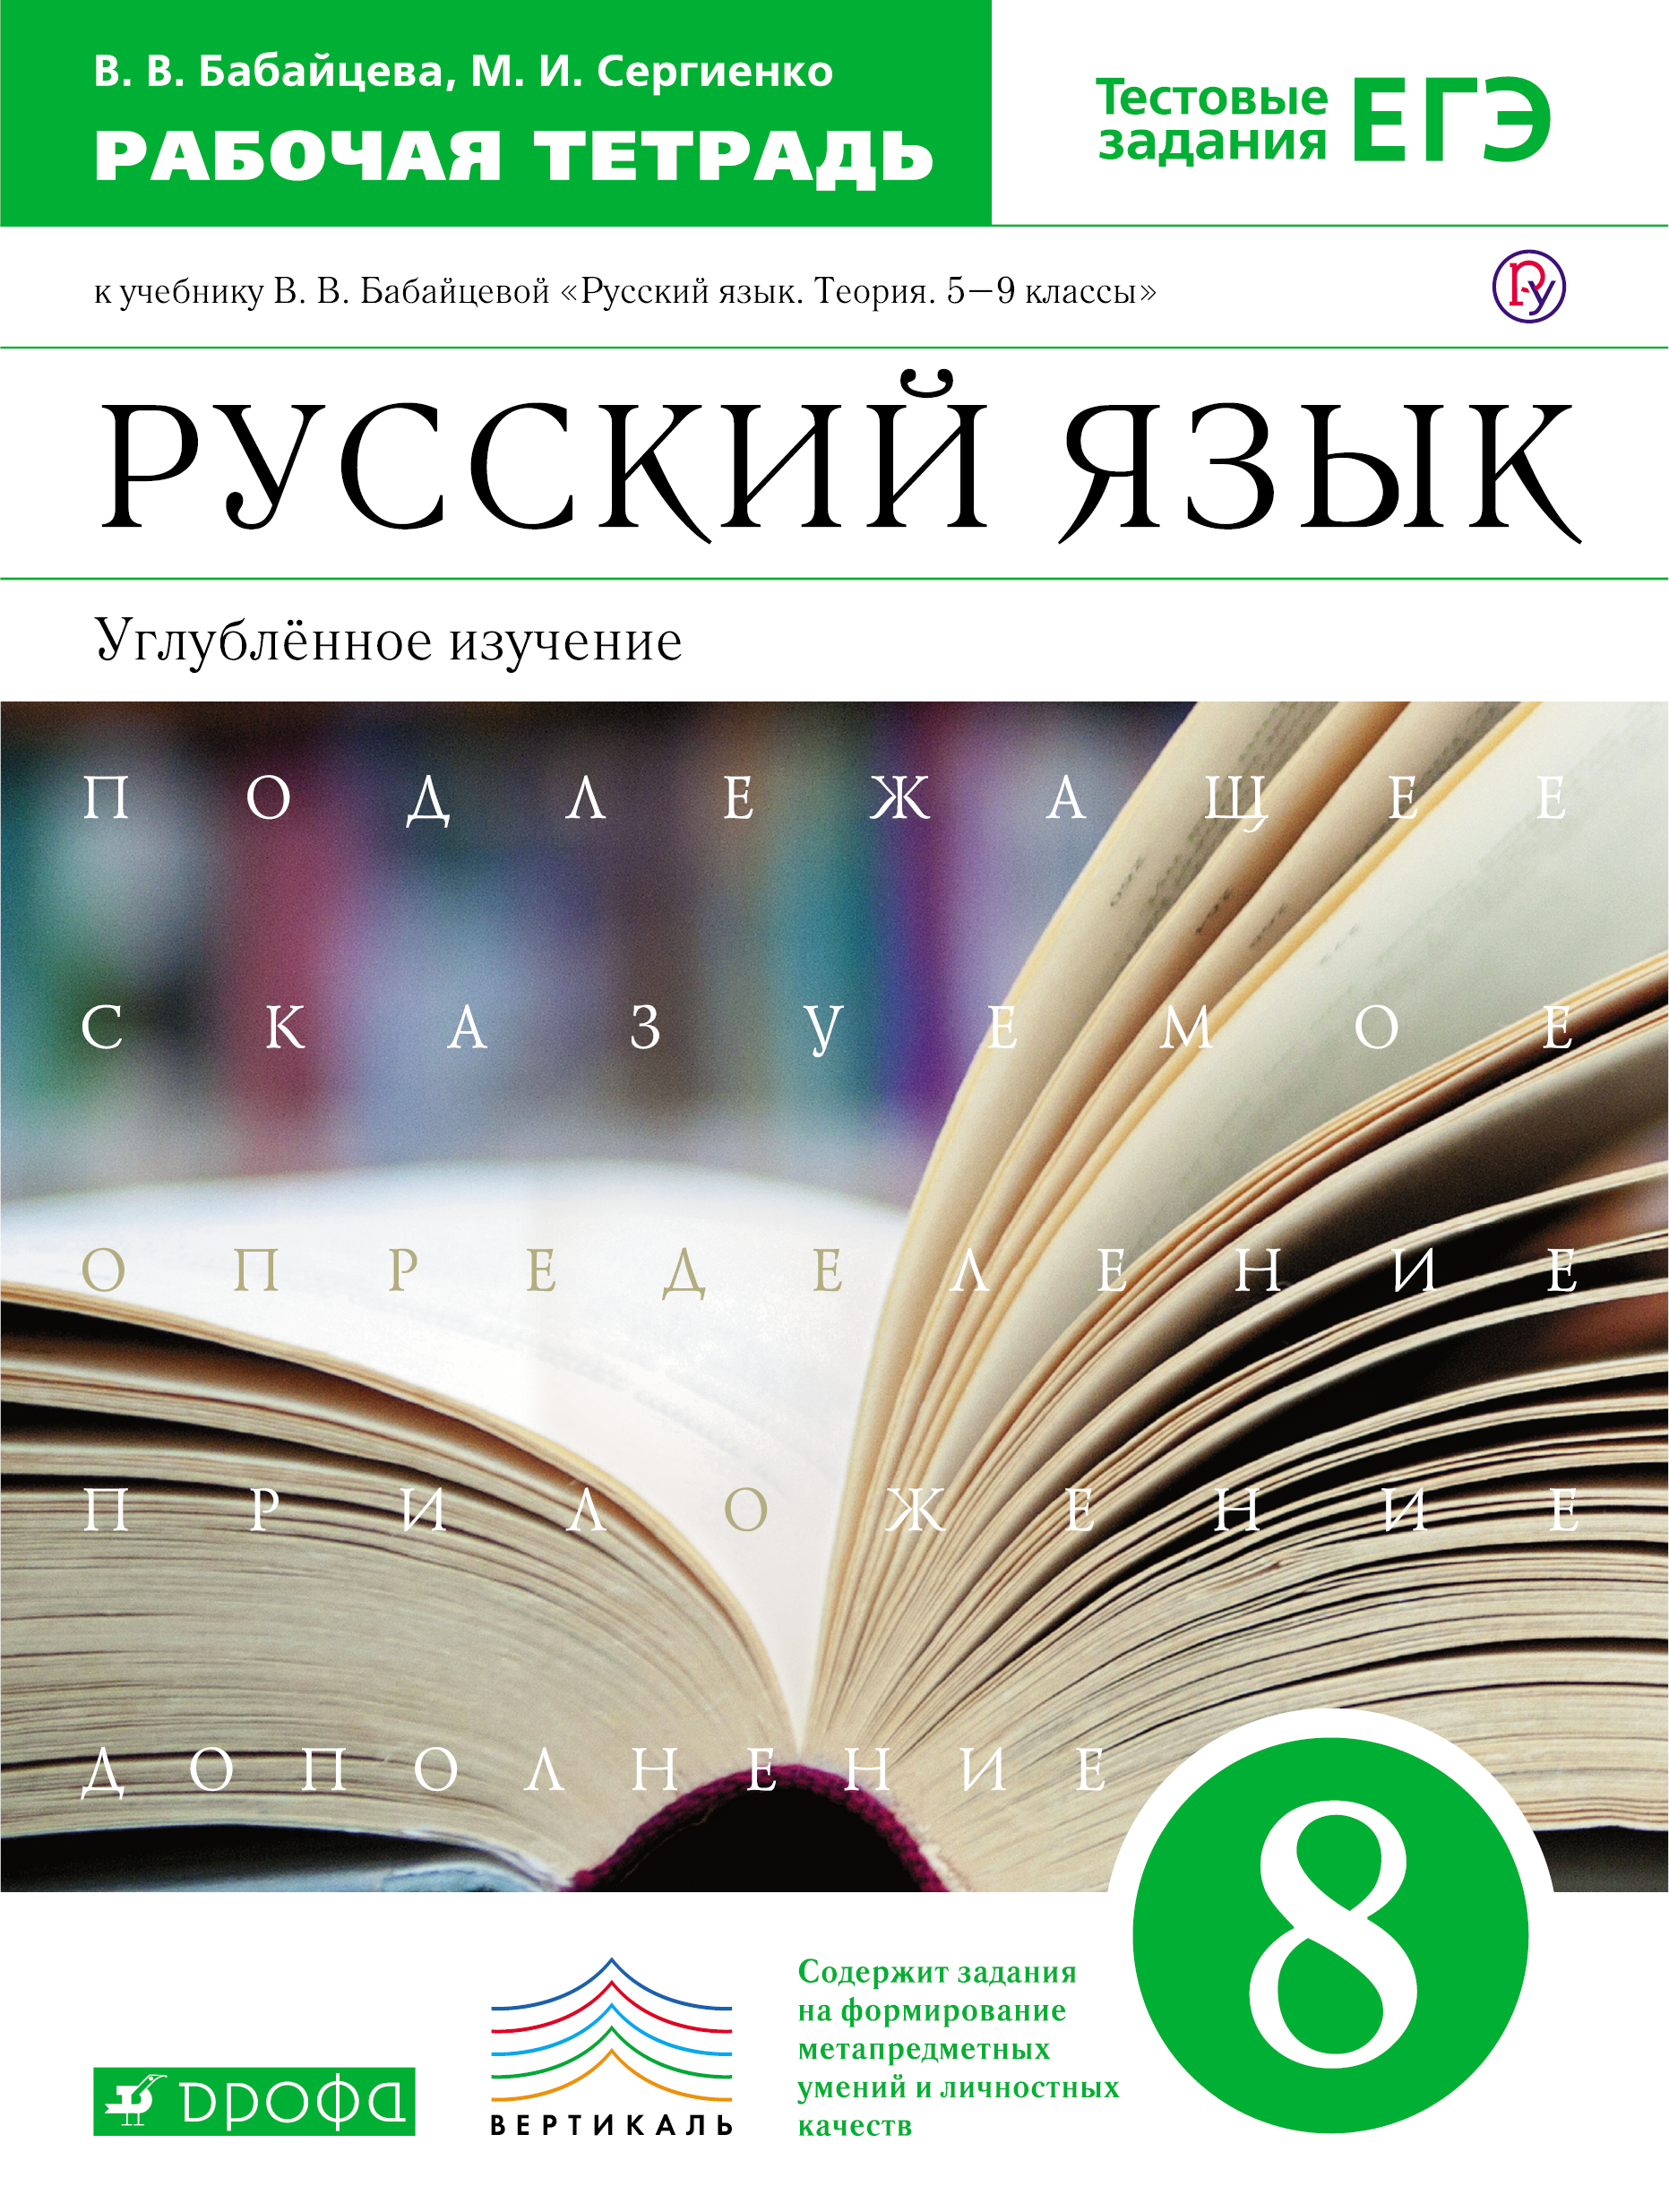 Тетрадь курс языку класс углубленный русскому рабочая 5 по решебник